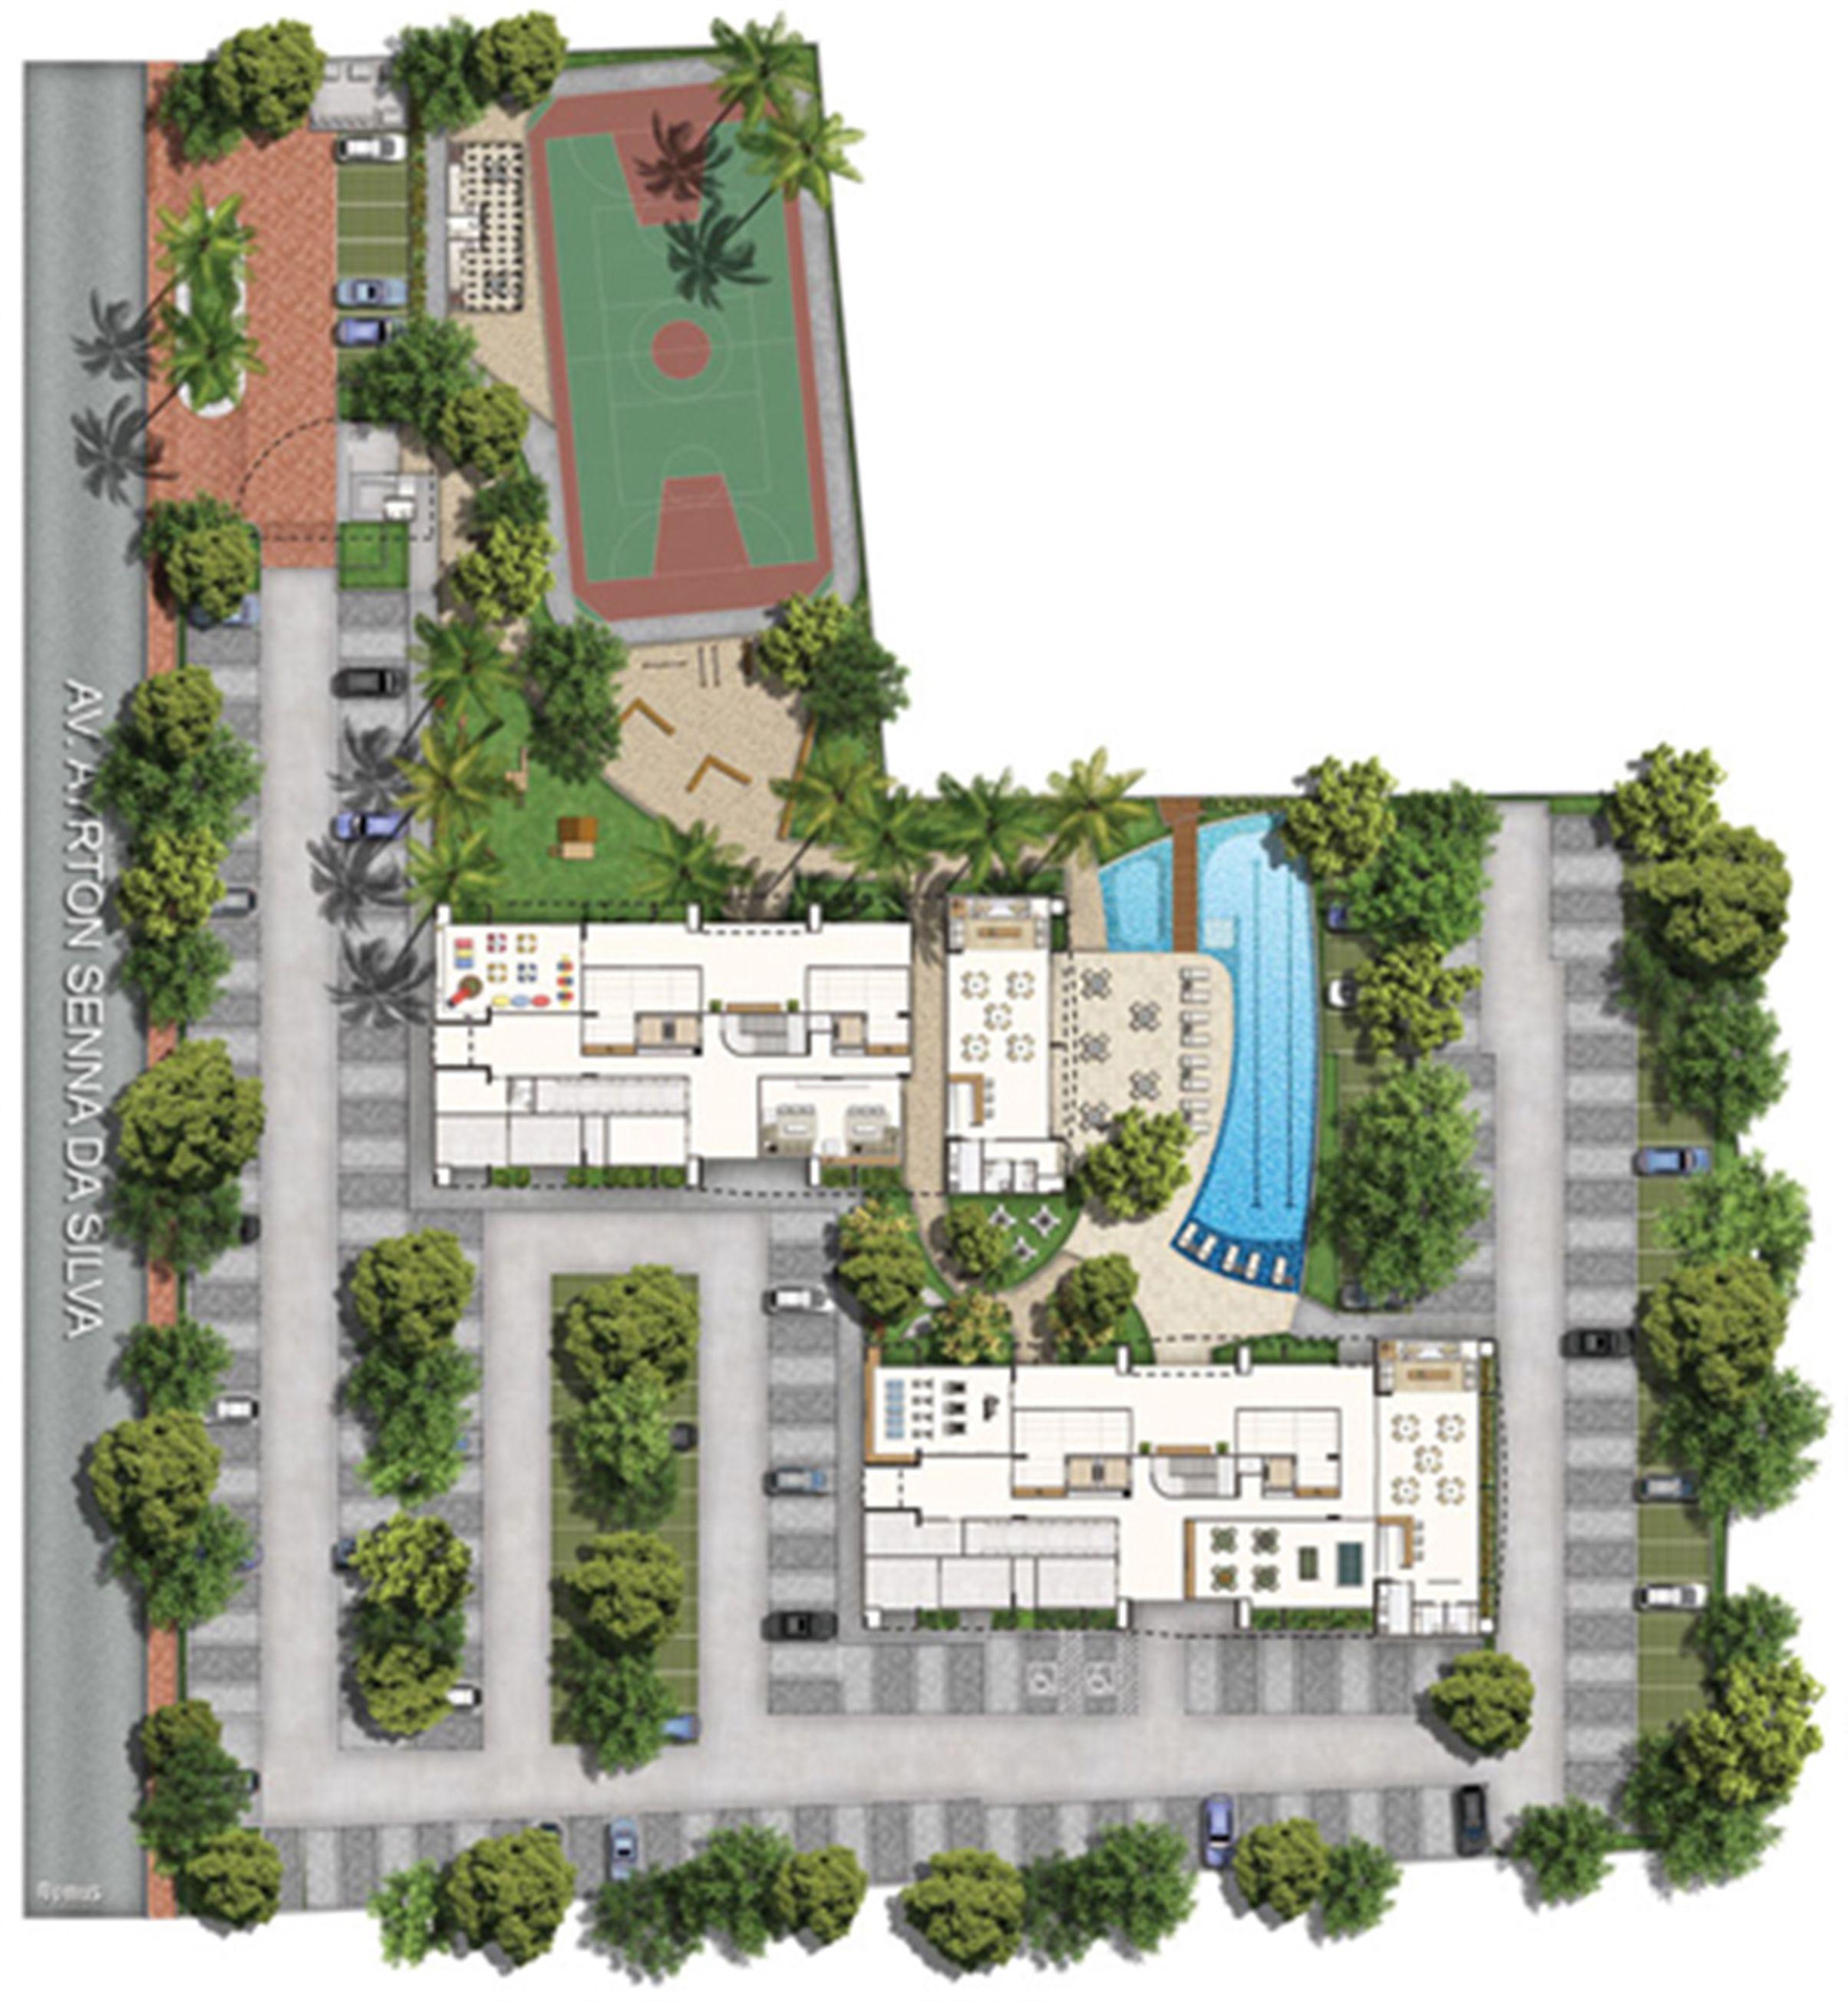 Planta:  | Vita Praia - Recife - Apartamento em Piedade - Recife Pernambuco